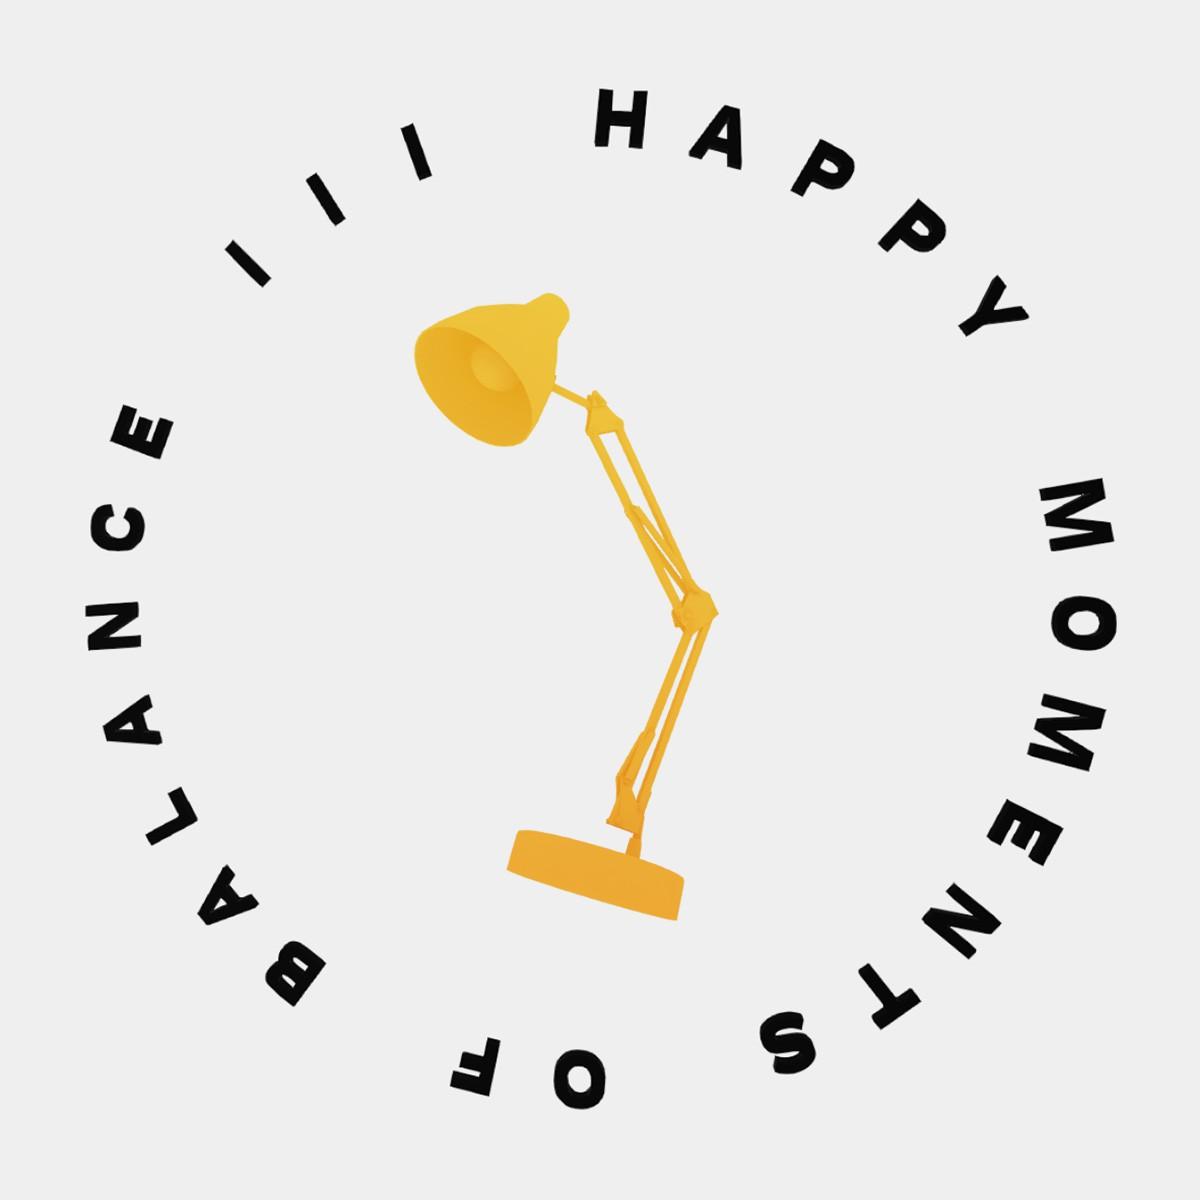 shelly-alon-Happy Moments Of Balance III